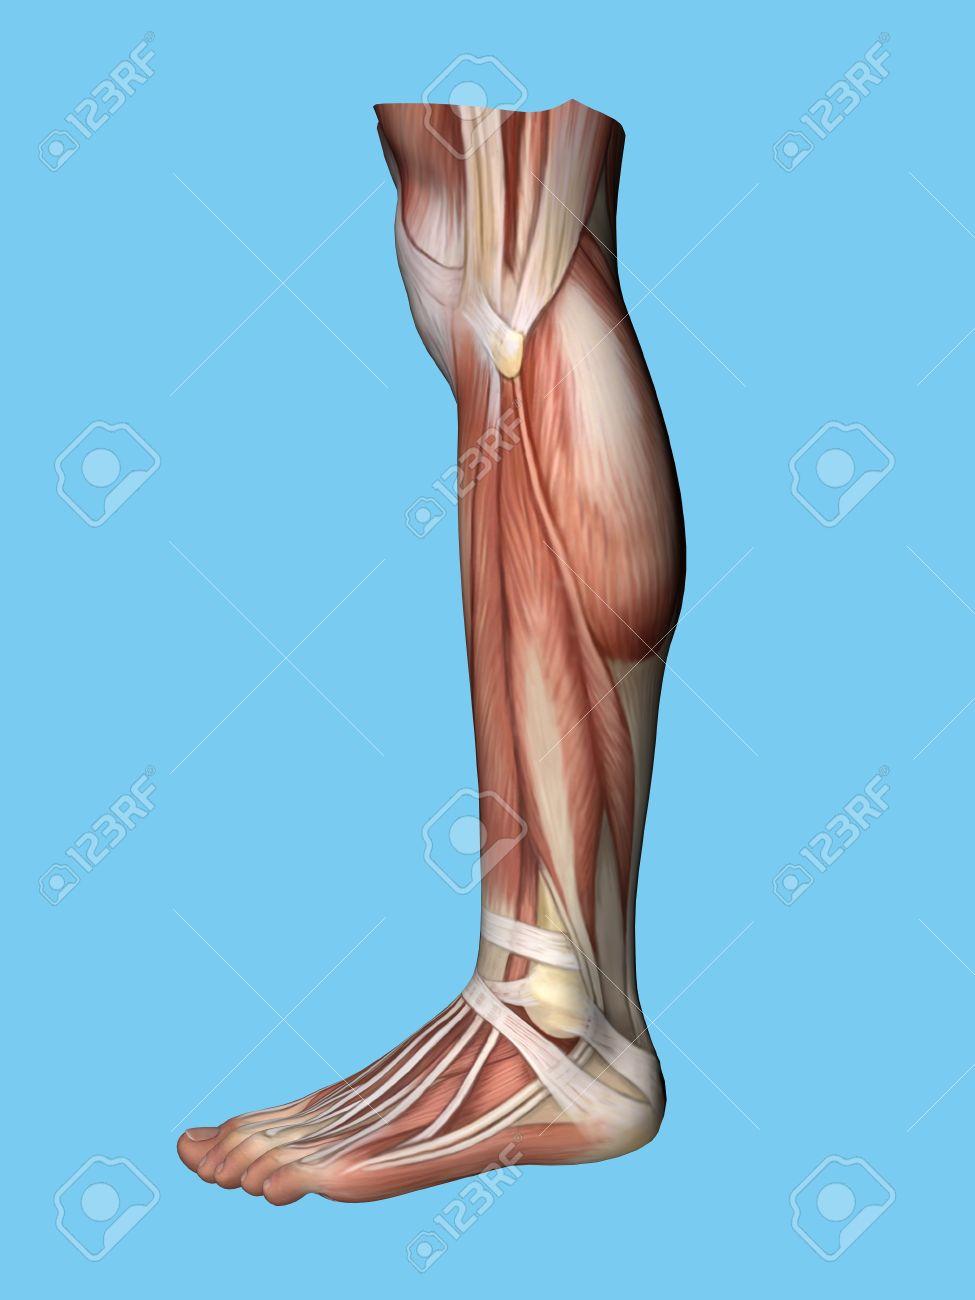 Anatomie Seitliche Seitenansicht Bein Und Fuß Eines Mannes Mit ...